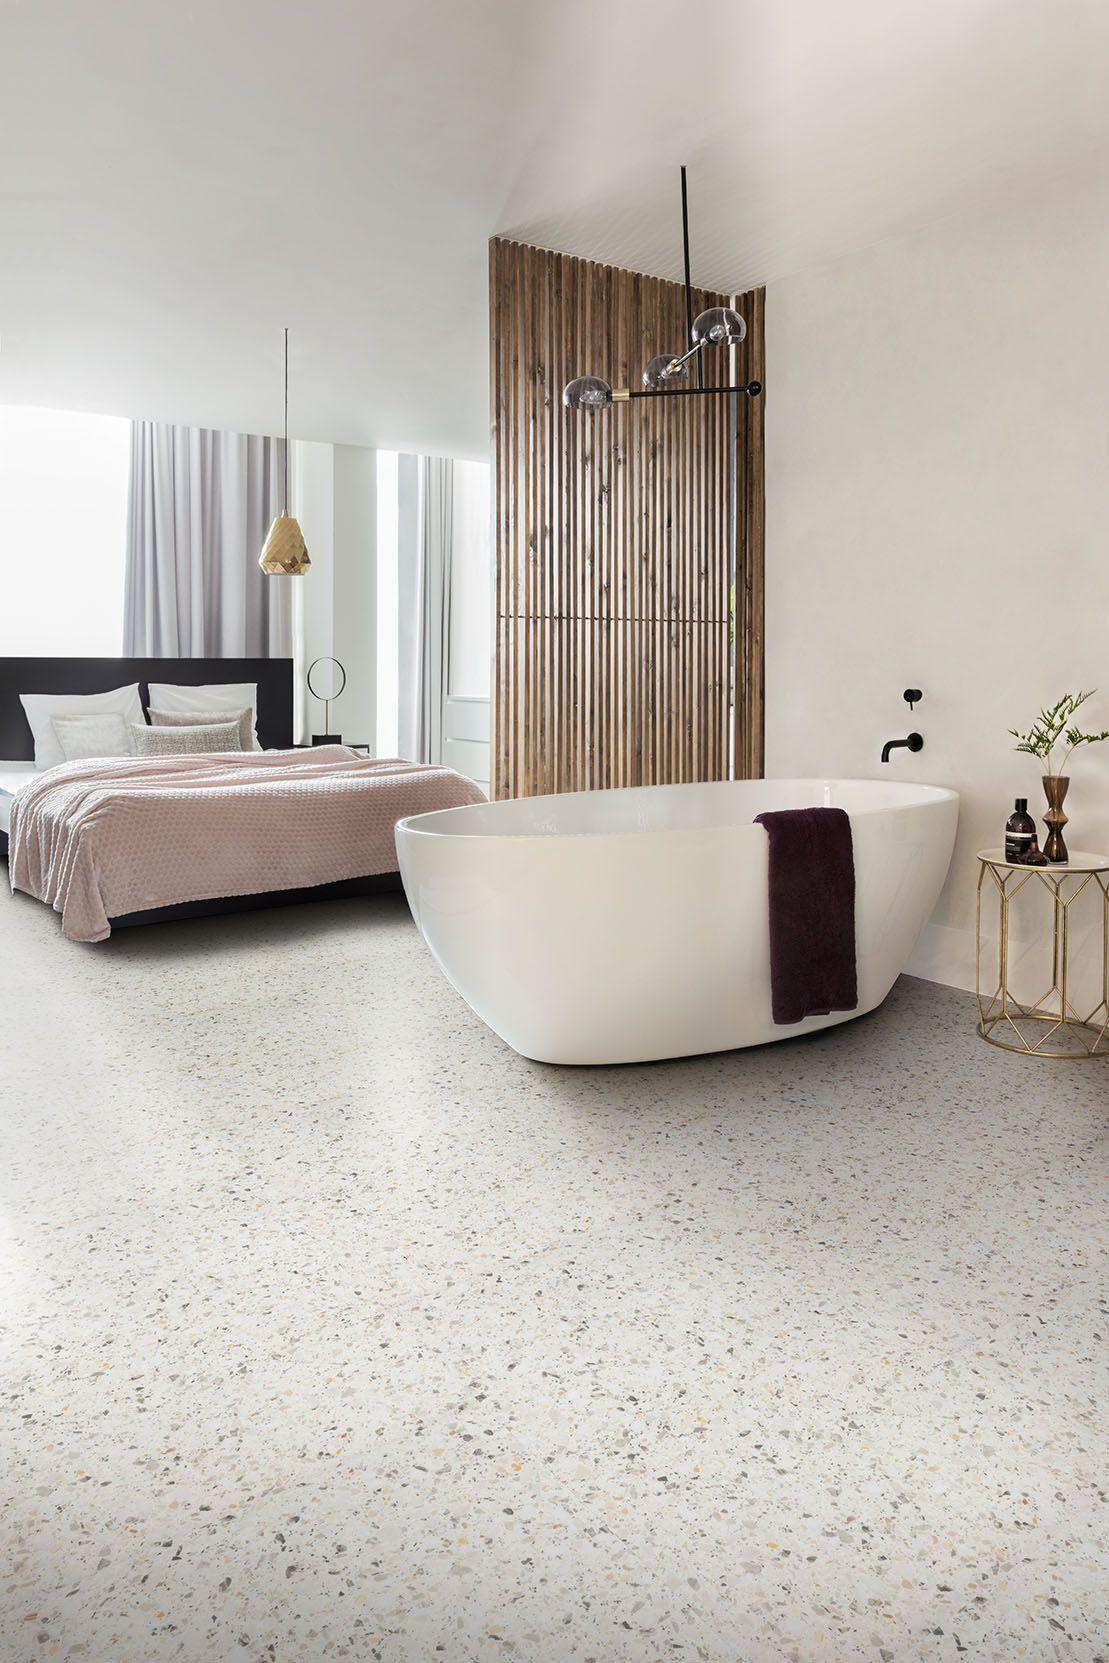 Vloerbedekking - inspiratie vloeren - vloeren badkamer- vloeren ...